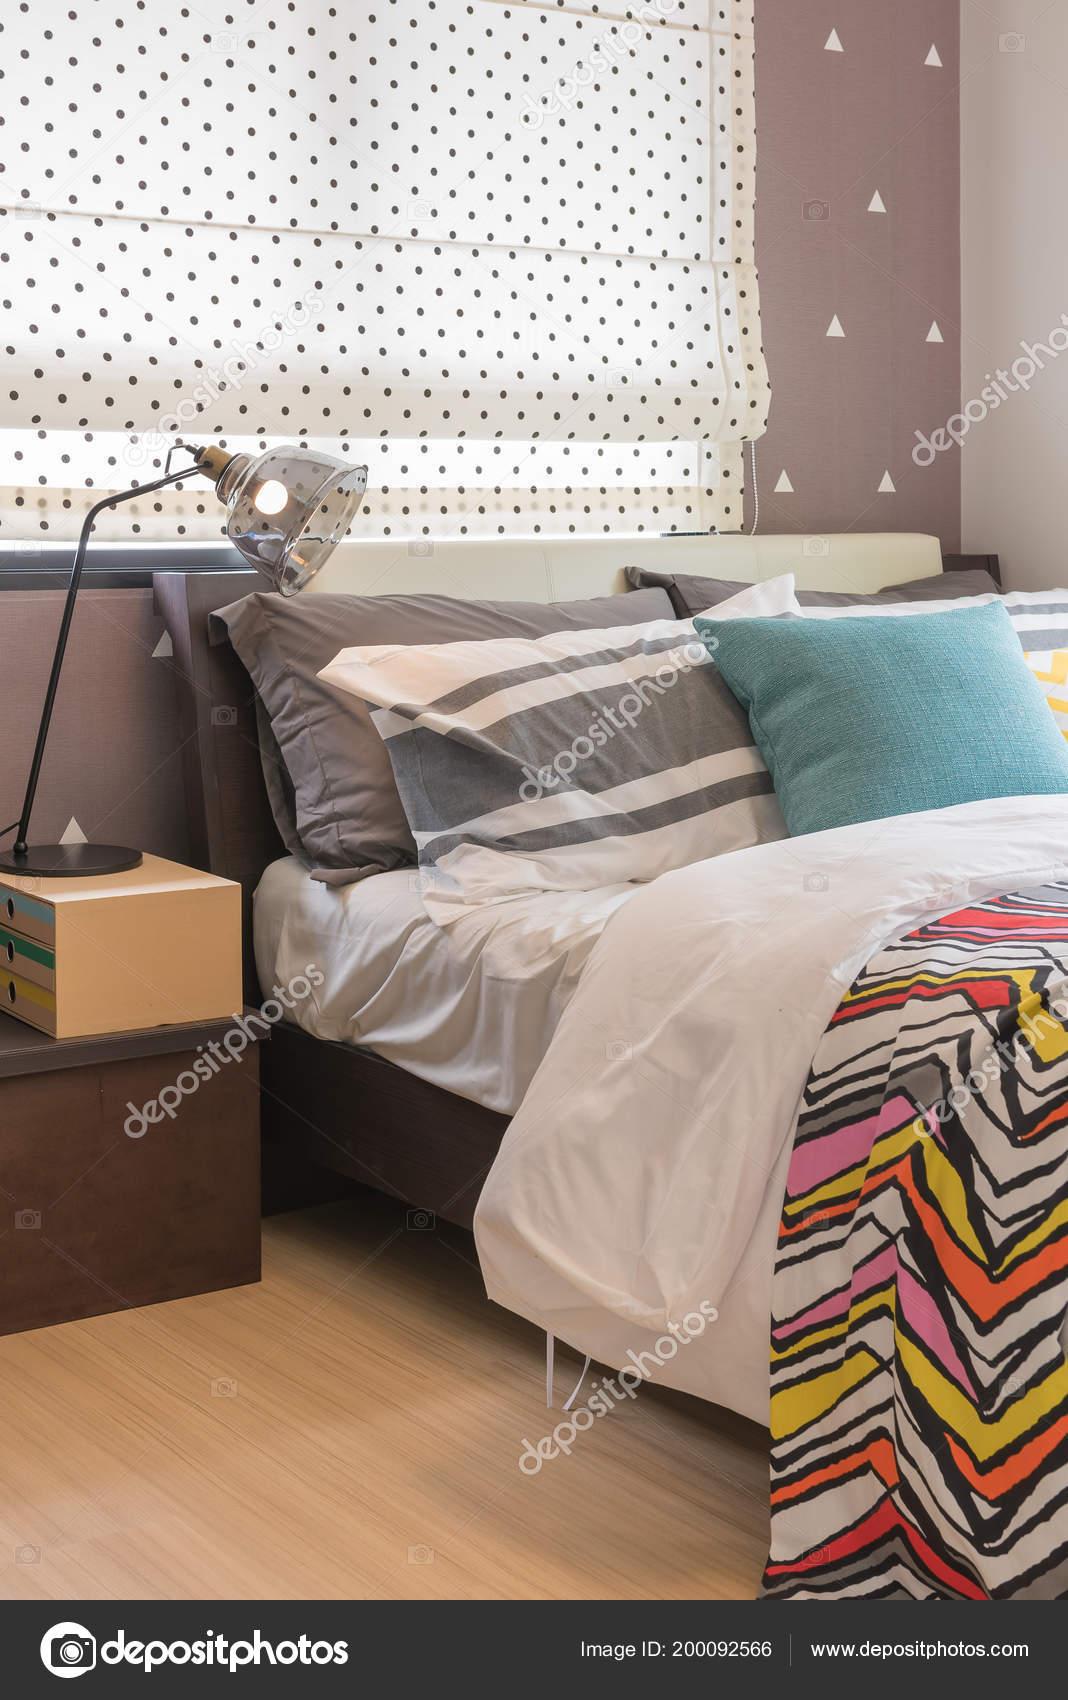 Lit Simple Dans Chambre Coucher Moderne Avec Des Coussins Colorés ...